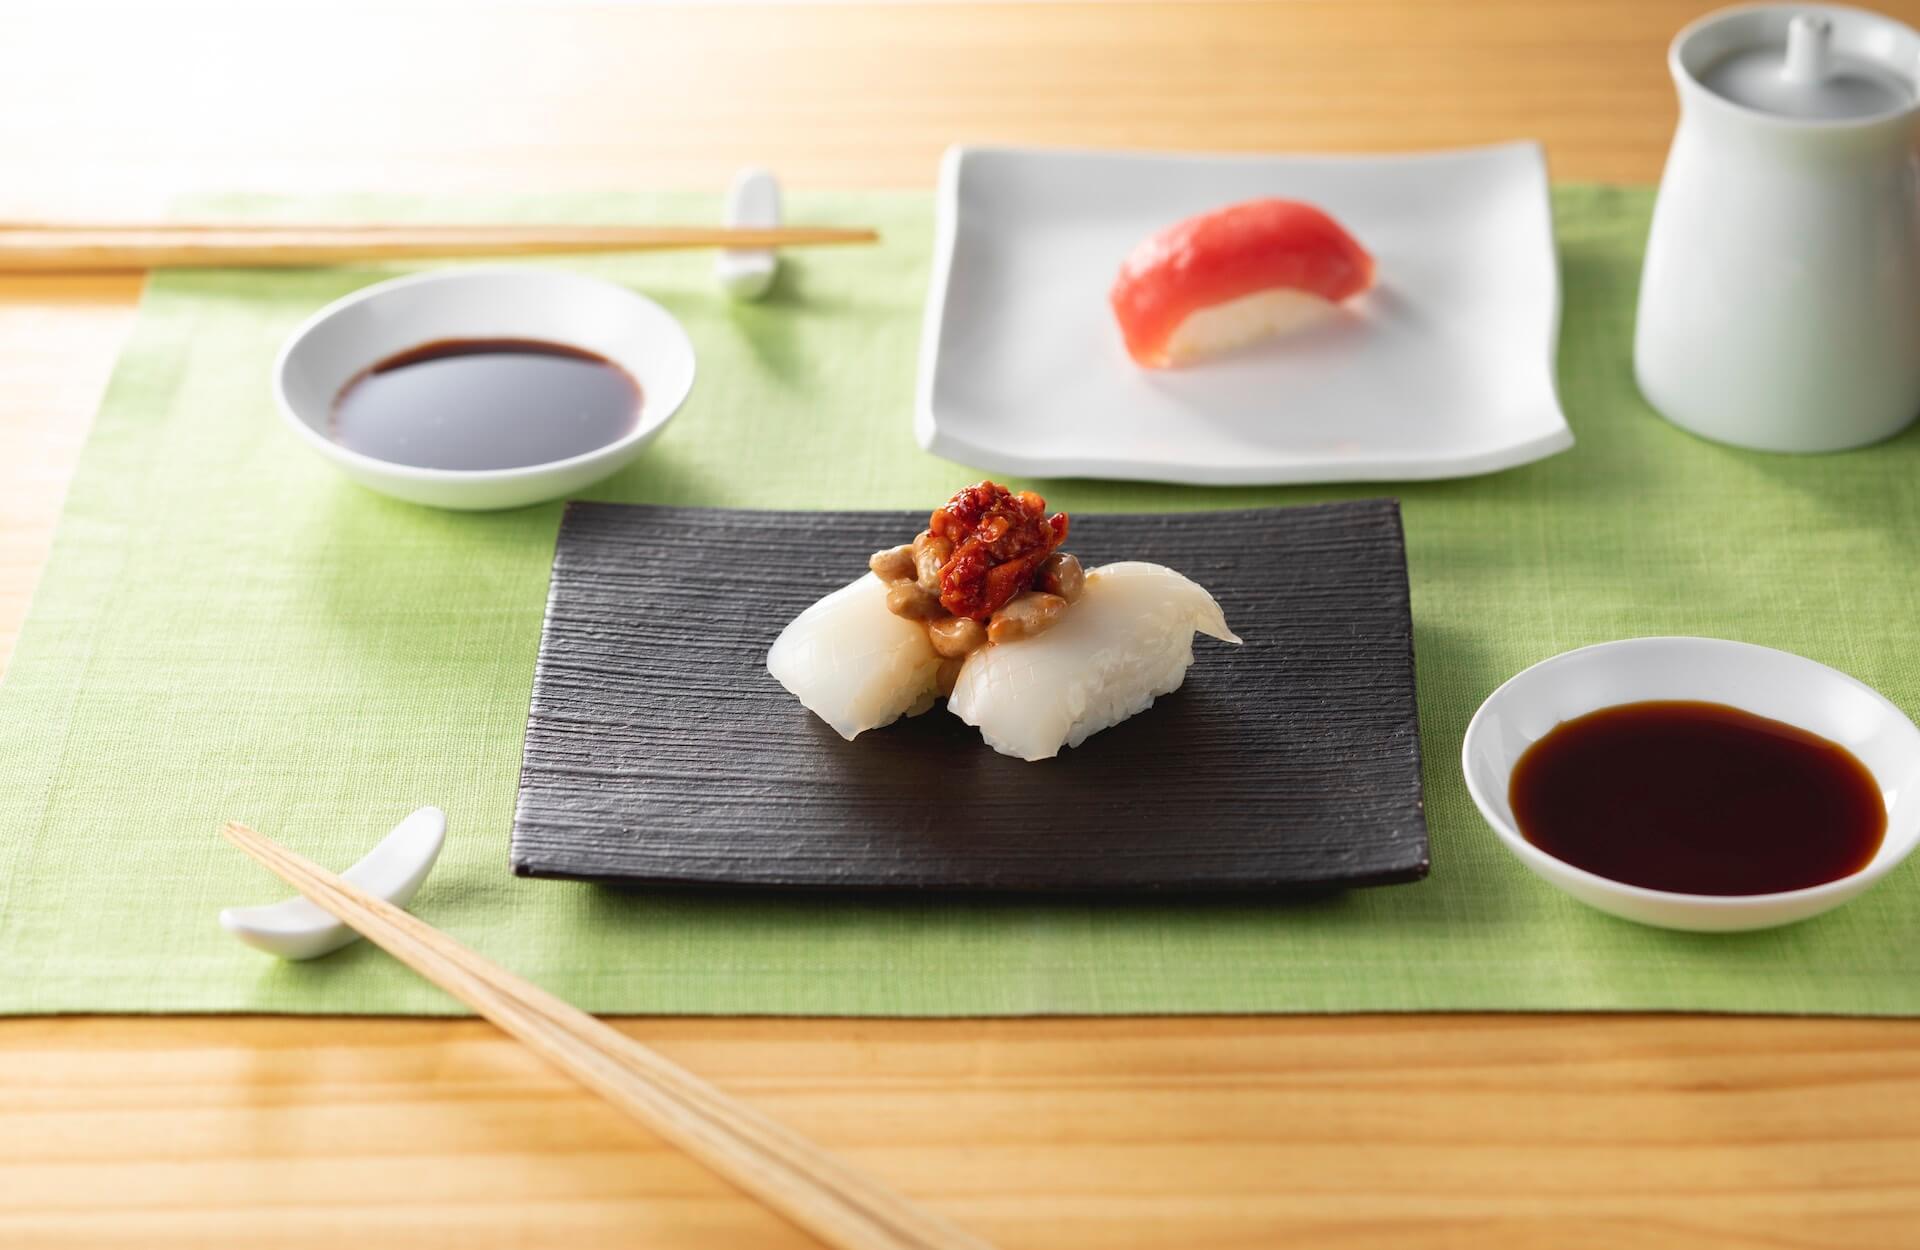 おうちで手作りはま寿司を楽しもう!人気・贅沢ネタ11種としゃり30貫がセットになった「おうちではま寿司セット」が登場 gourmet_200424_hamazushi_06